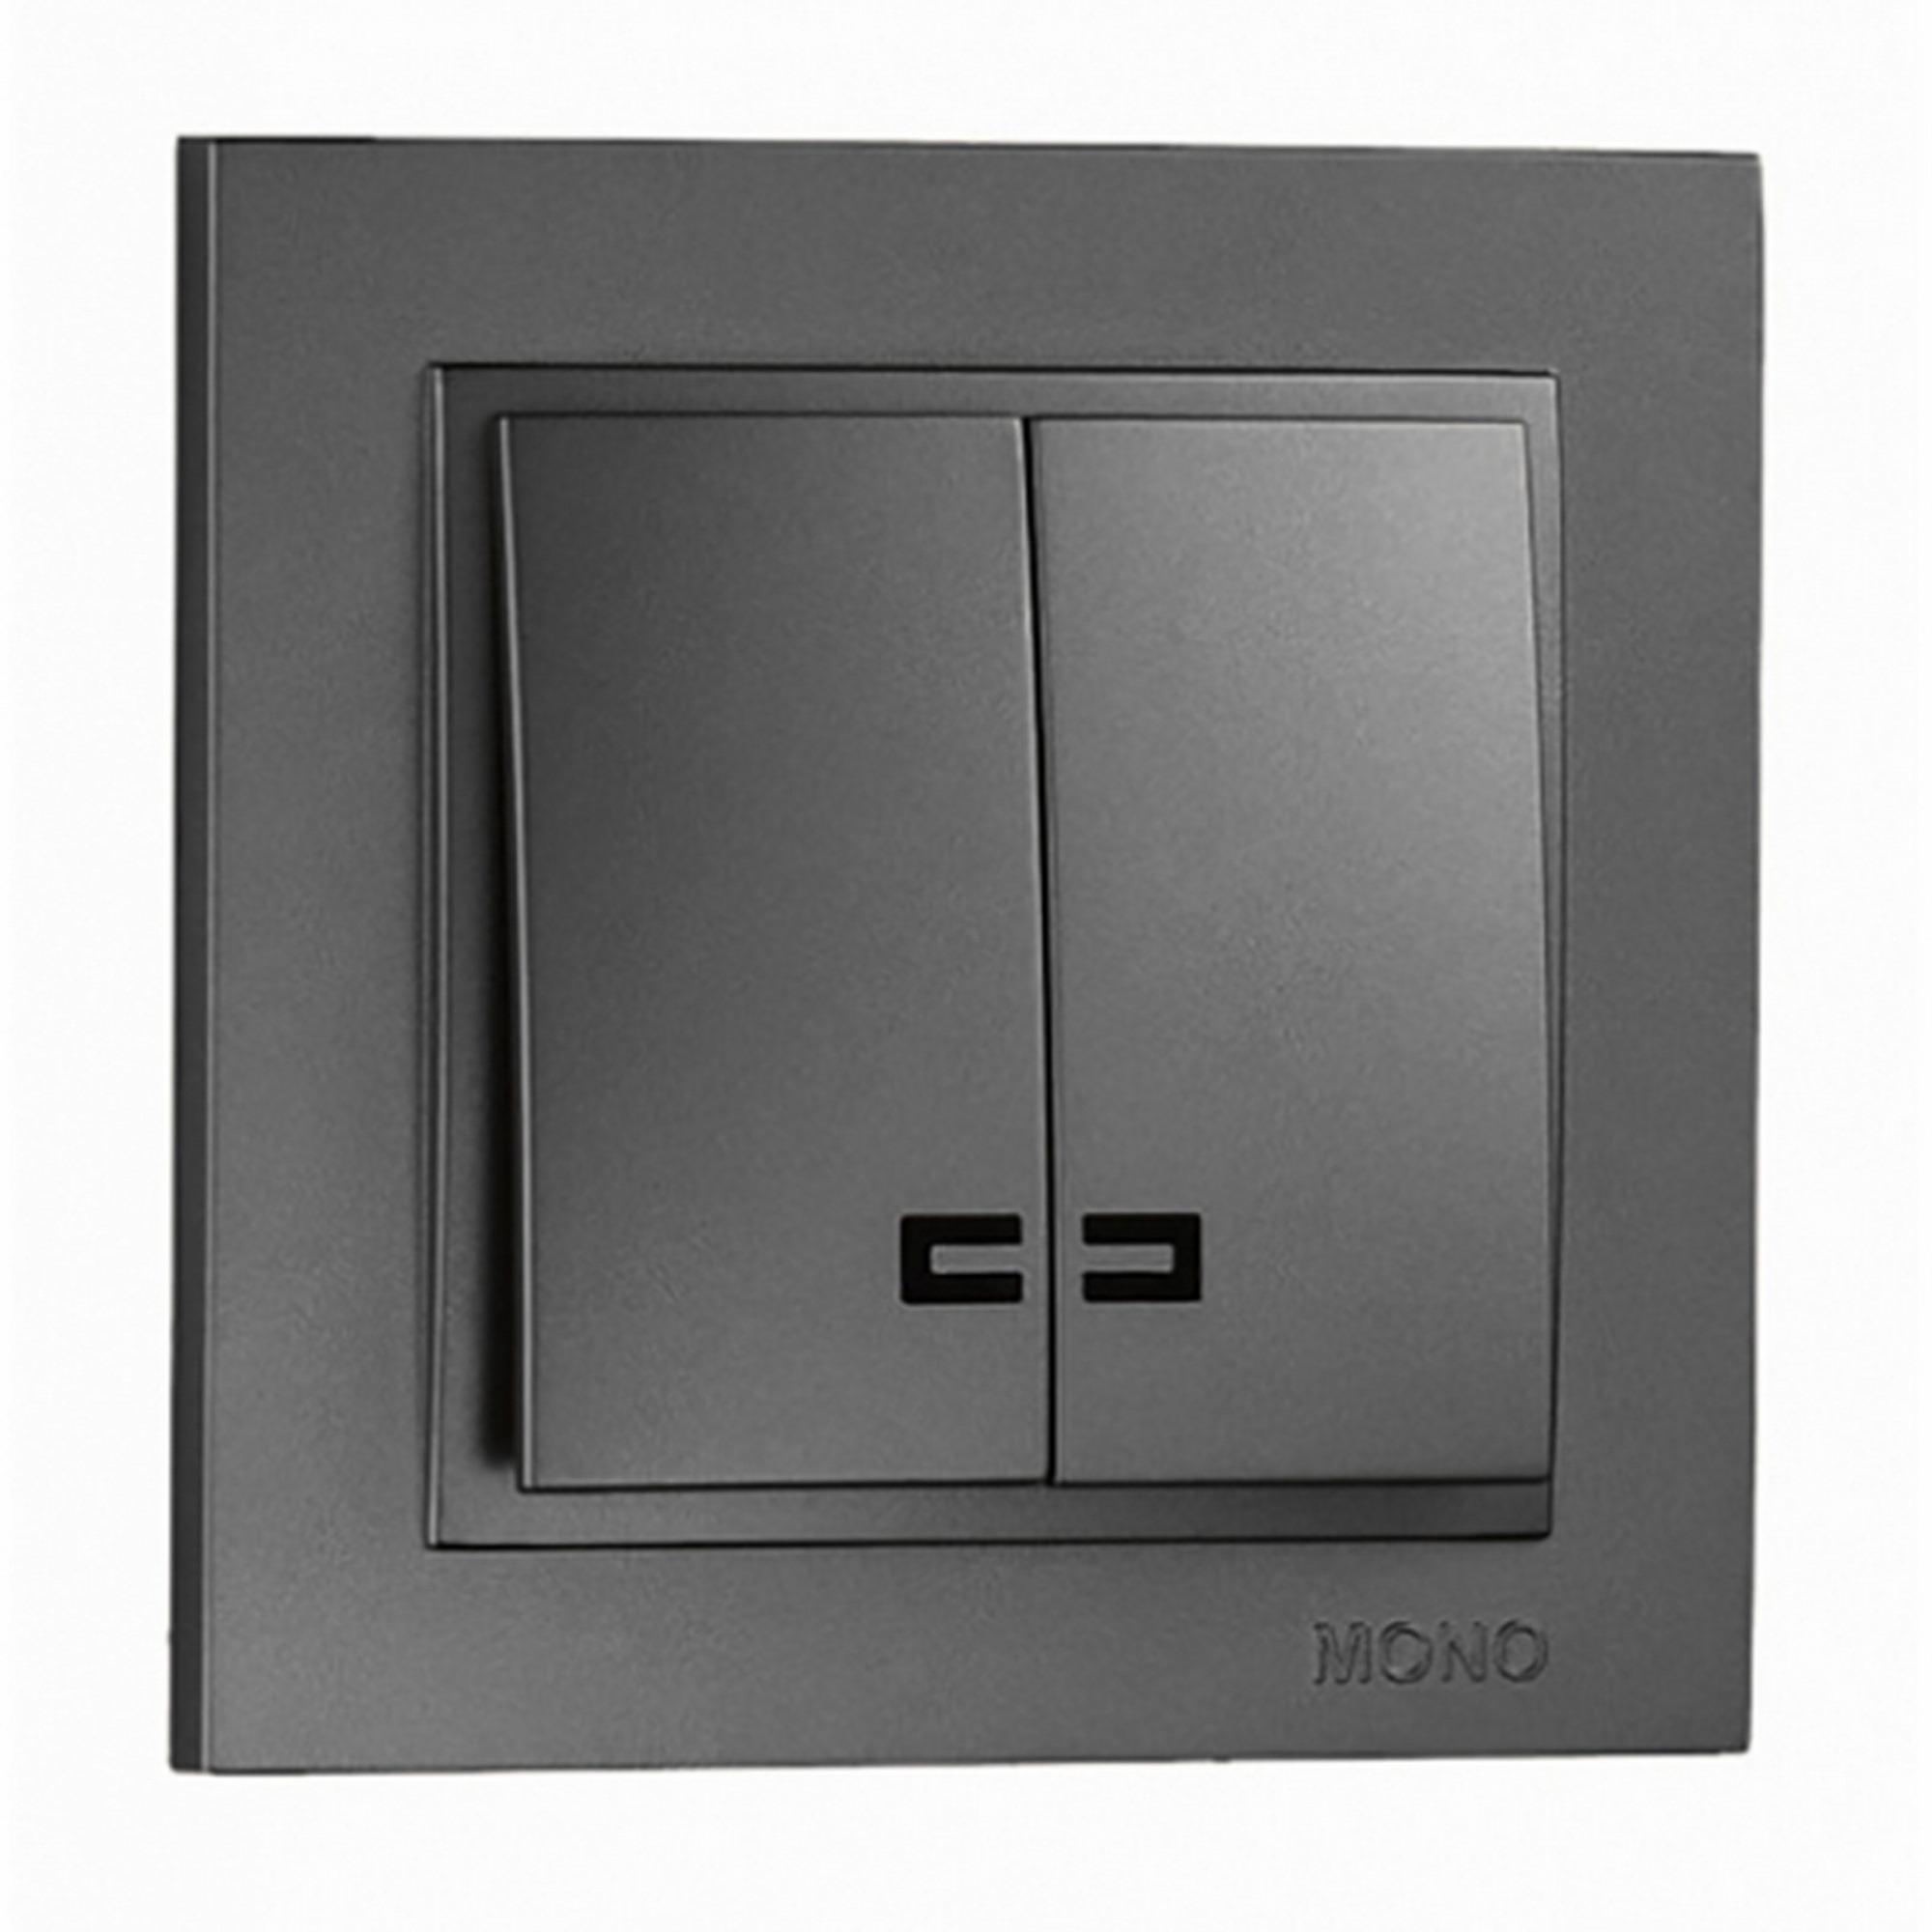 Выключатель Mono Despina 2кл с подсветкой графит 102-202025-103 фото